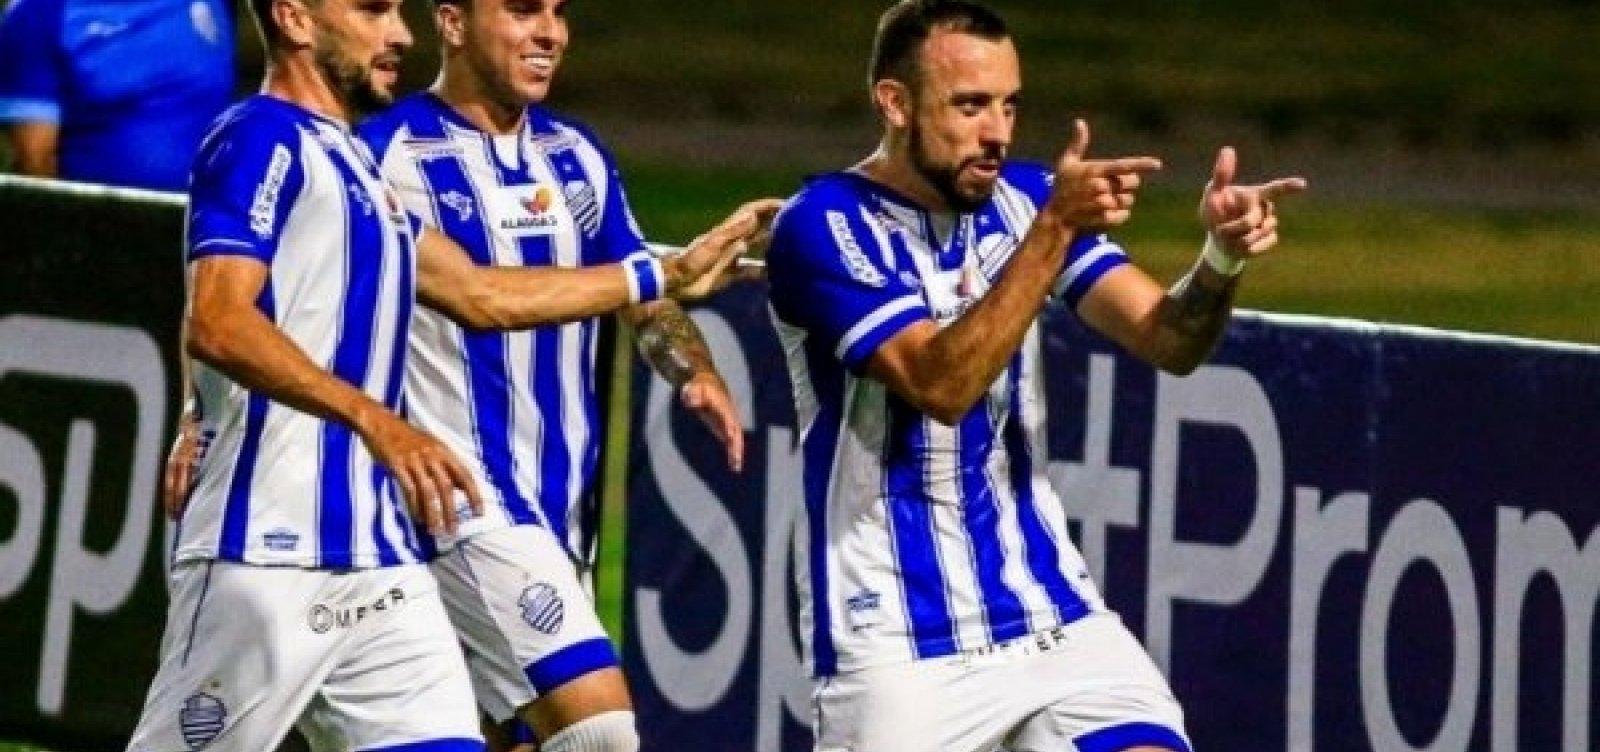 [Avaí tem quatro jogadores diagnosticados com Covid-19; time jogou contra Vitória no sábado ]